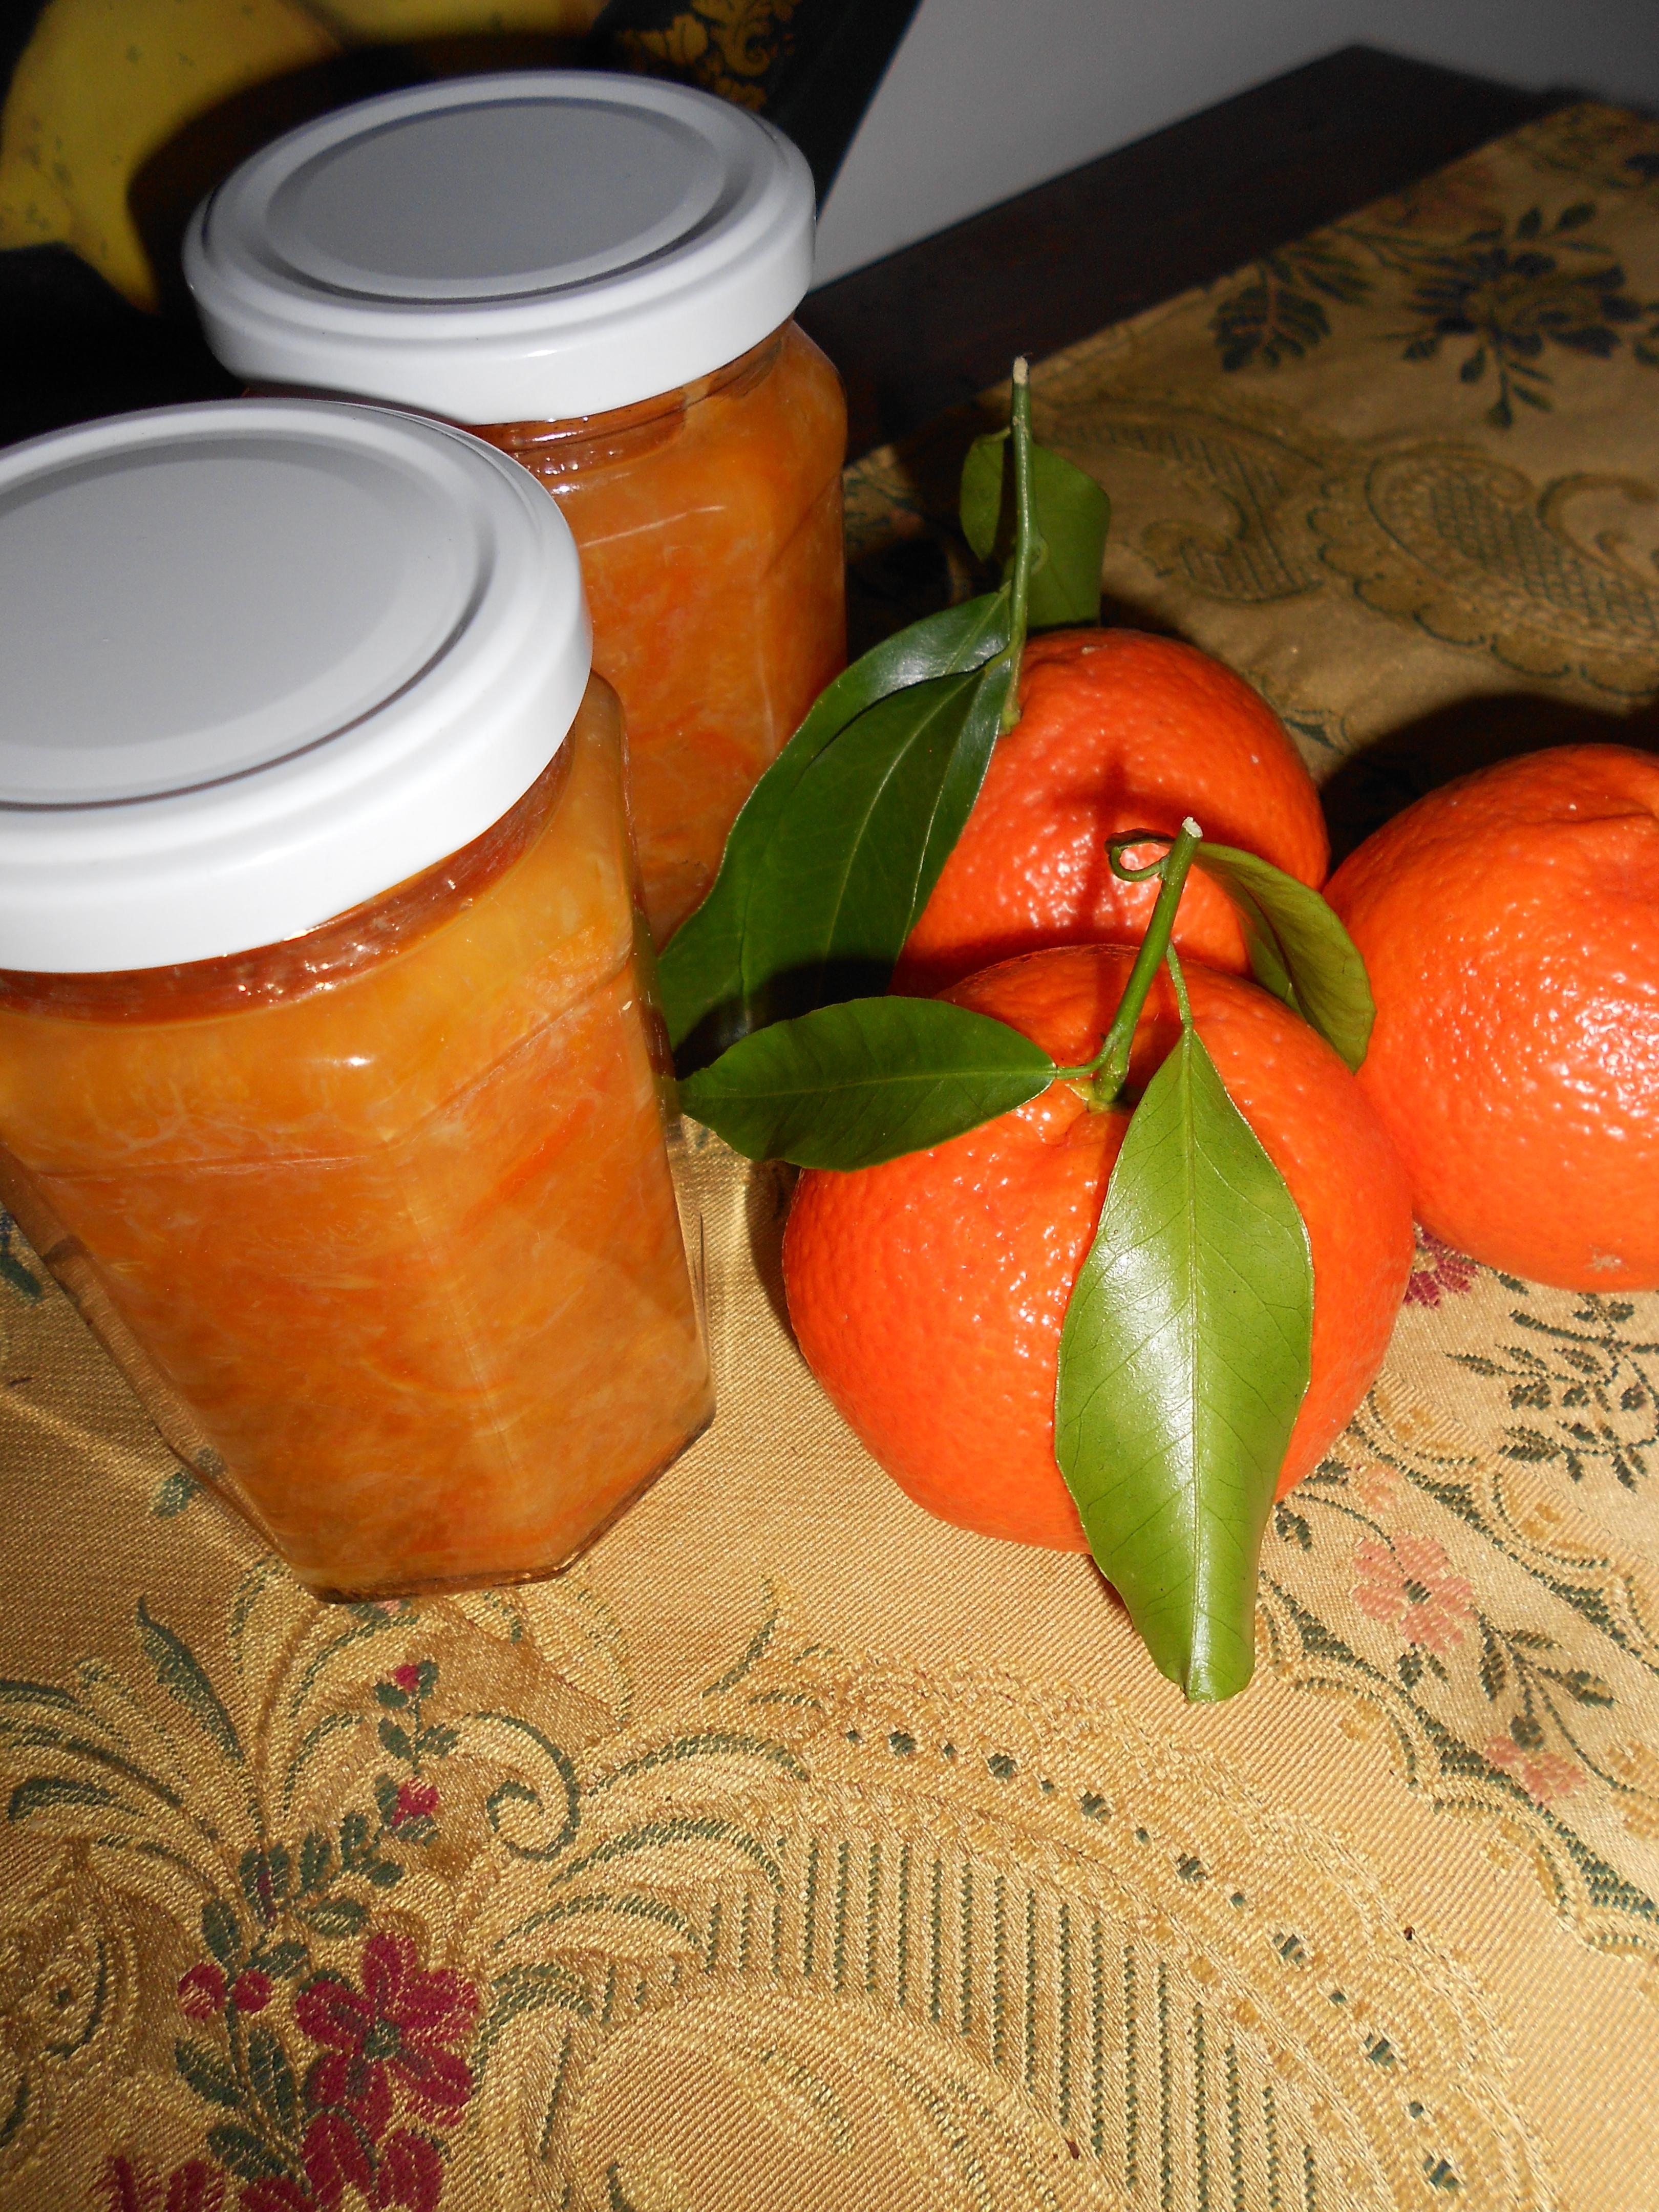 marmellata-di-mandarini-4.JPG